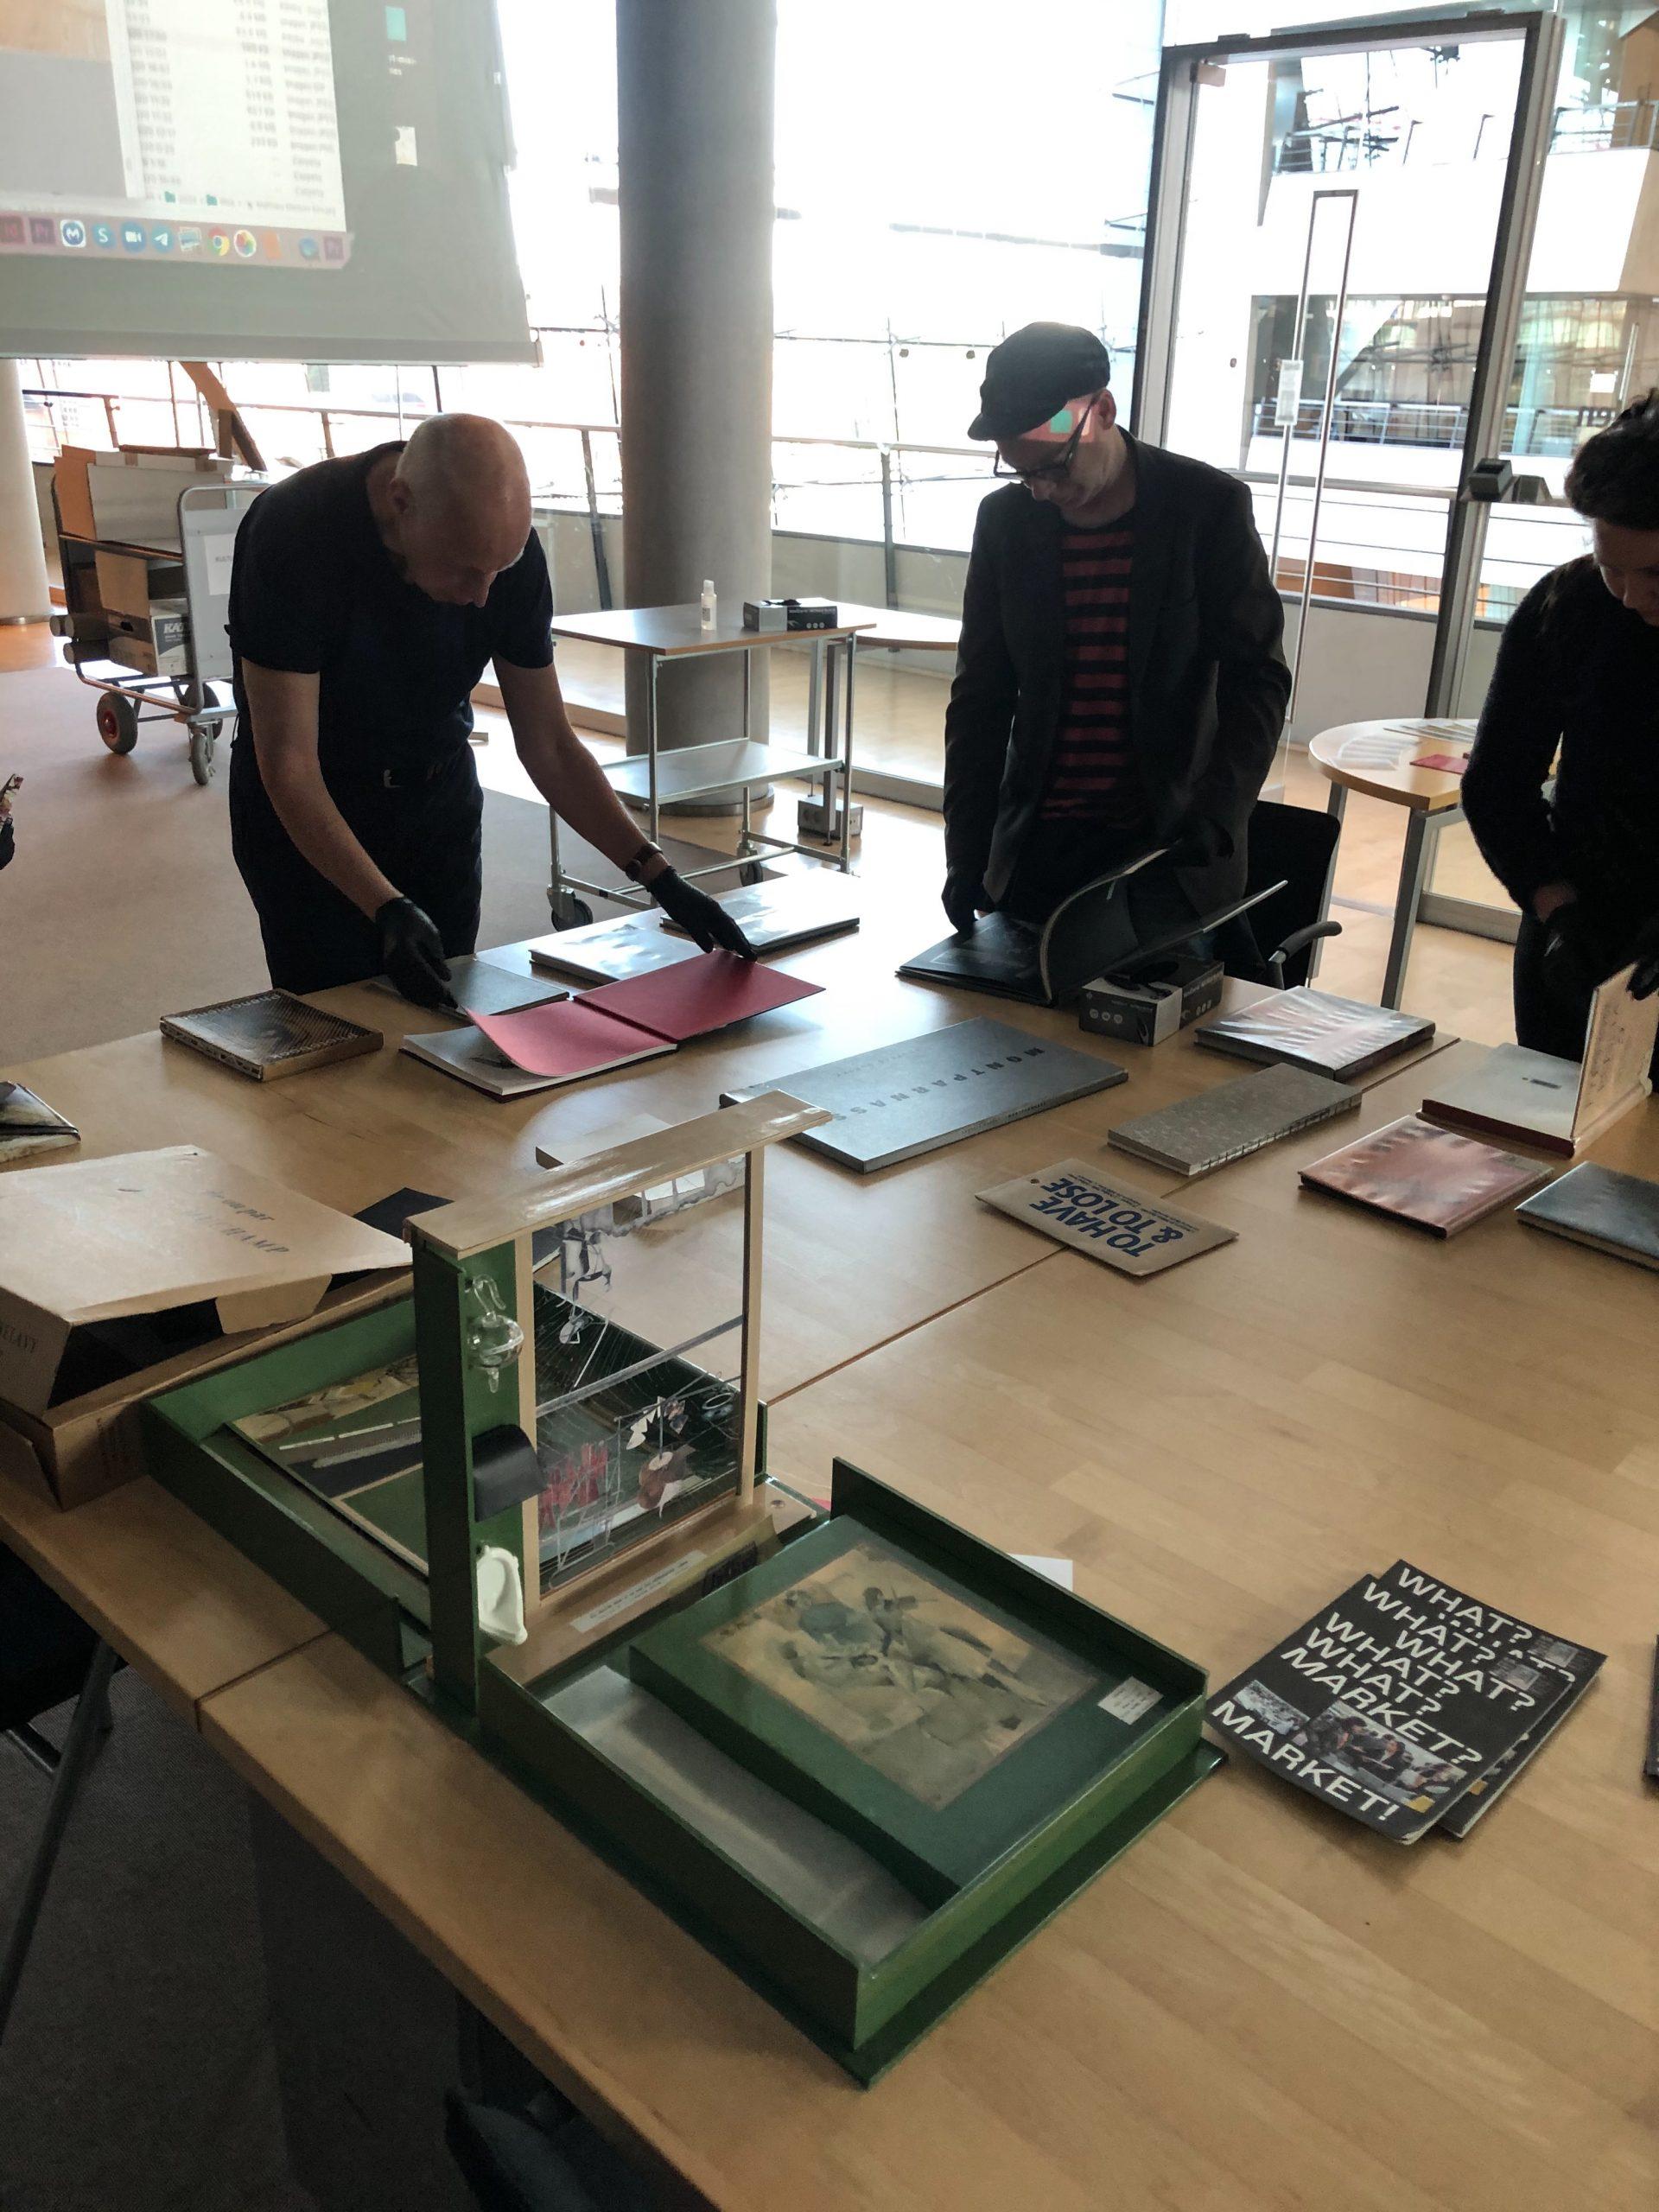 Presentation of PWA 2020 at Royal Library in CPH